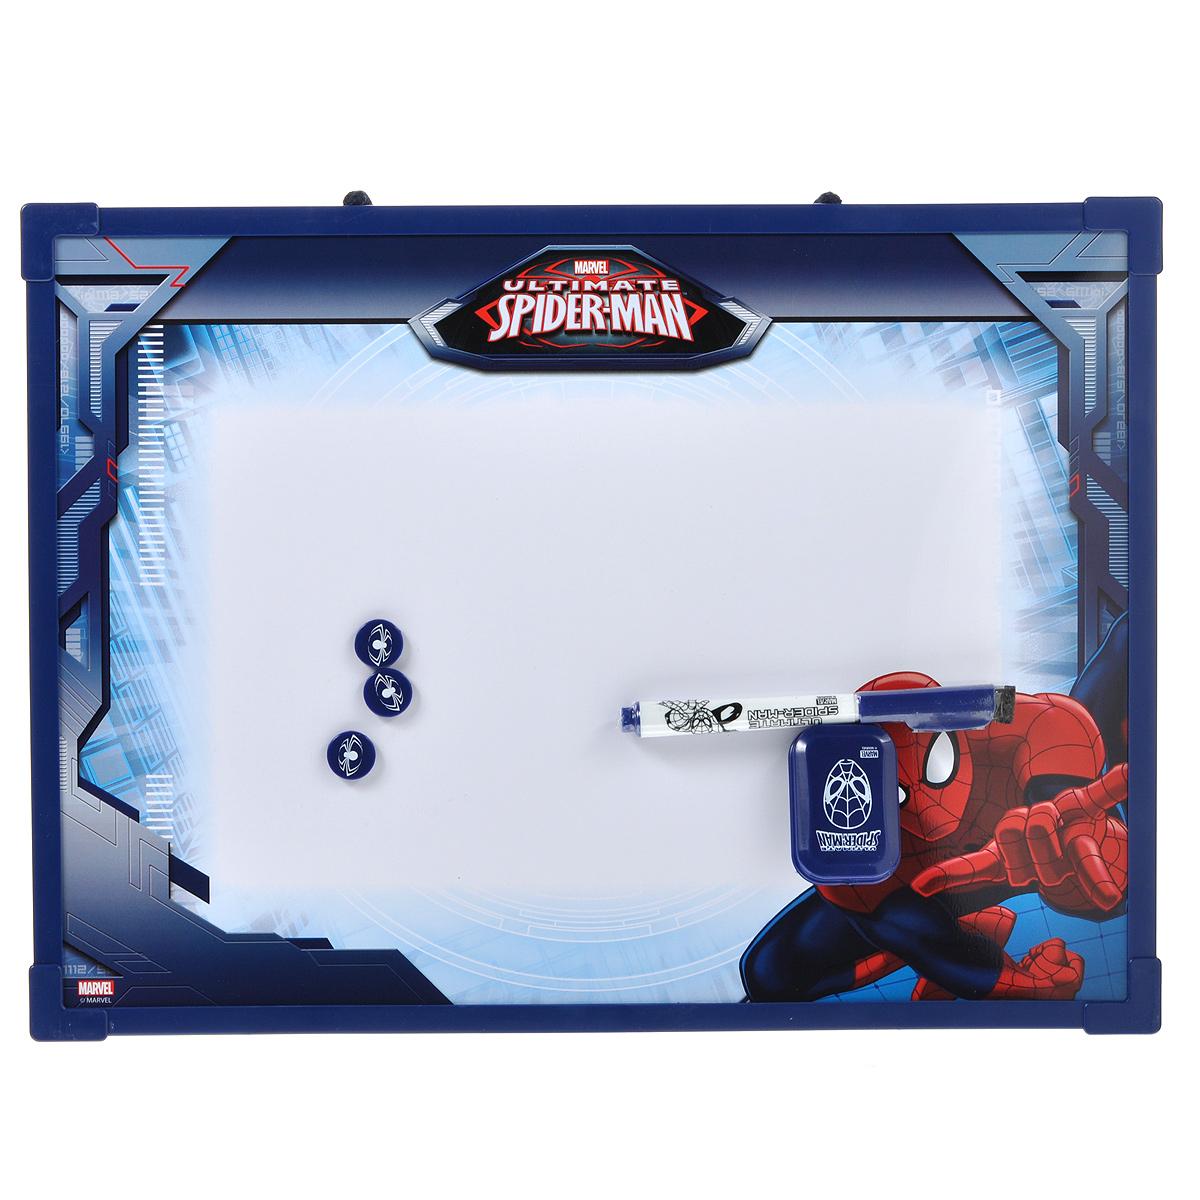 Доска магнитно-маркерная Spider-Man, цвет: темно-синий, с аксессуарами. SMBB-US2-Z150098SMBB-US2-Z150098Магнитно-маркерная доска Spider-Man - прекрасный способ для развития творческих и мыслительных способностей ребенка. Края доски обрамлены пластиком, который защищает ее от повреждений. В комплекте с доской предусмотрены специальный маркер с фетровым стирателем на колпачке, три круглых магнита и специальная губка для стирания записей и рисунков. Доска оформлена изображением Человека-Паука и имеет удобную веревочную петлю для подвешивания. Чернила маркера безопасные и нетоксичные. Магнитно-маркерная доска Spider-Man отлично подойдет для игр и учебы.